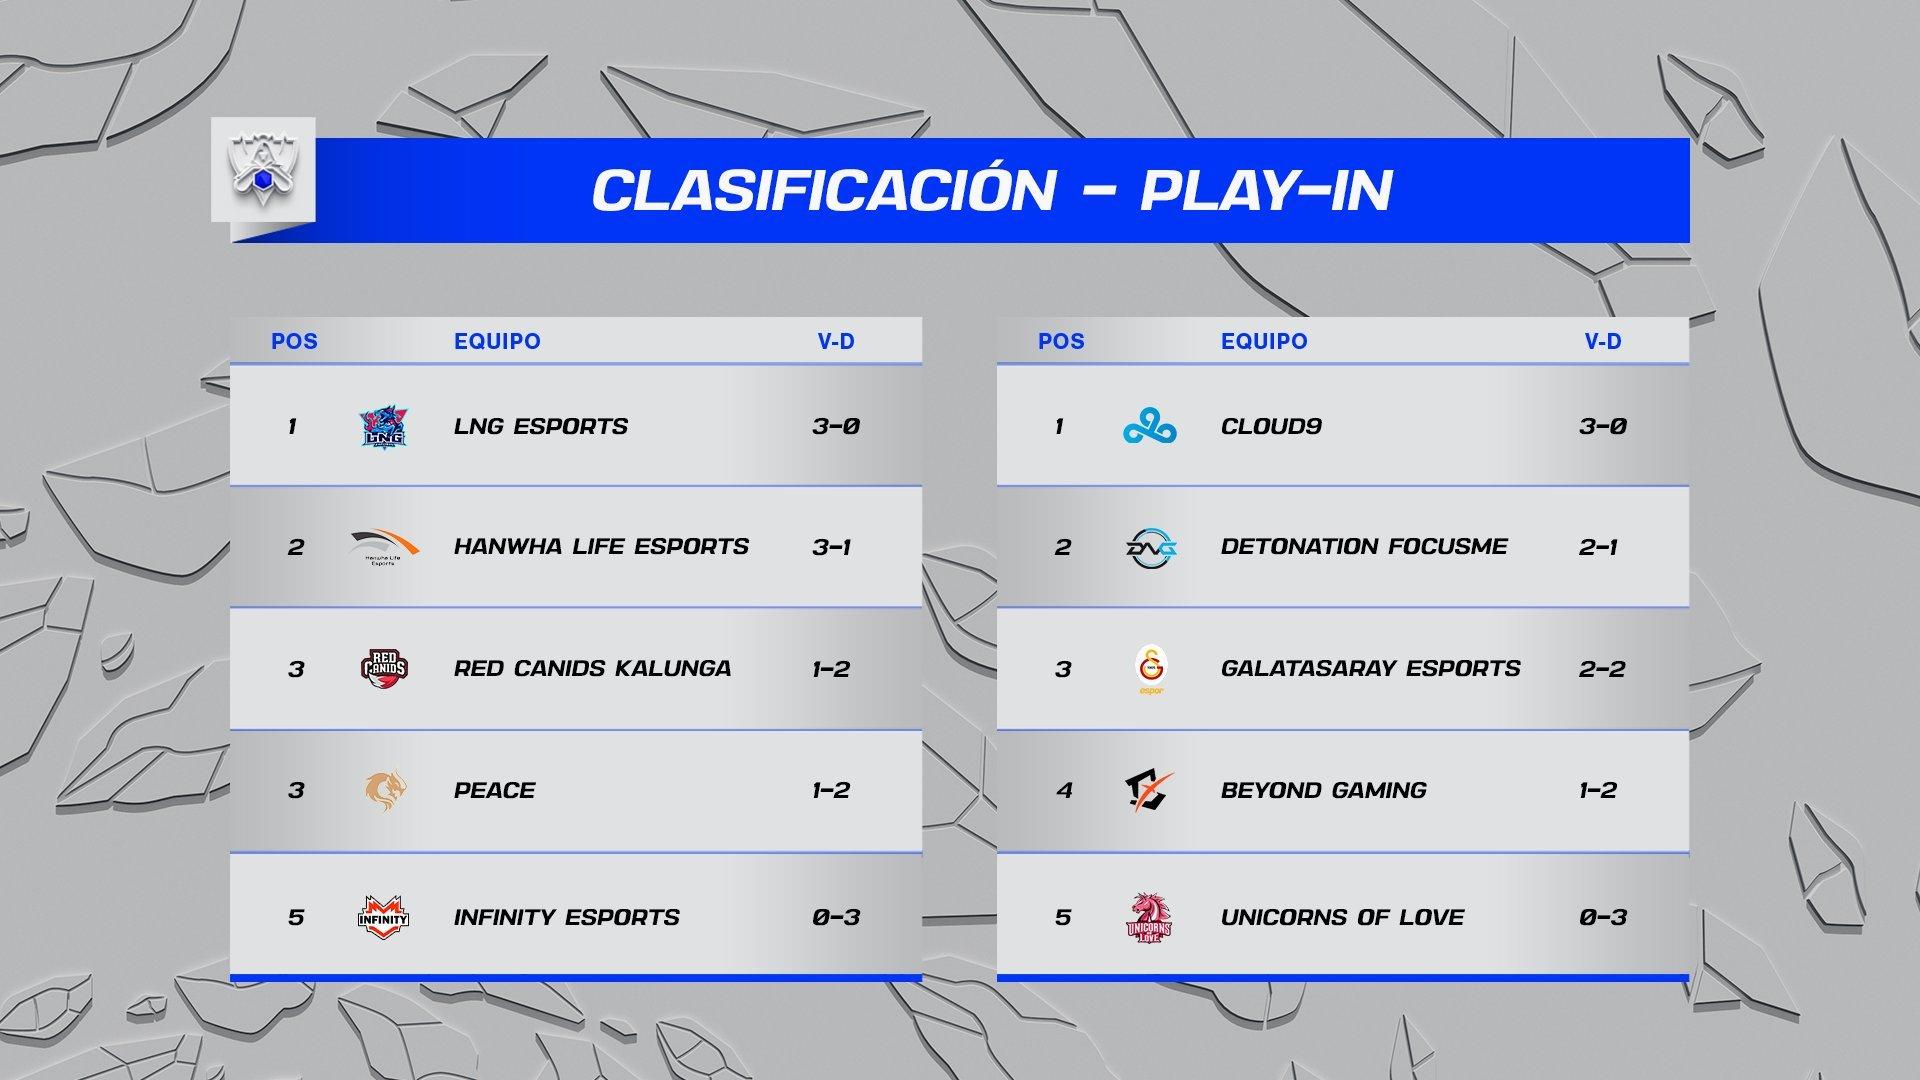 Clasificación de los grupos A y B después del segundo día del play-in de los Worlds de 2021 de League of Legends.